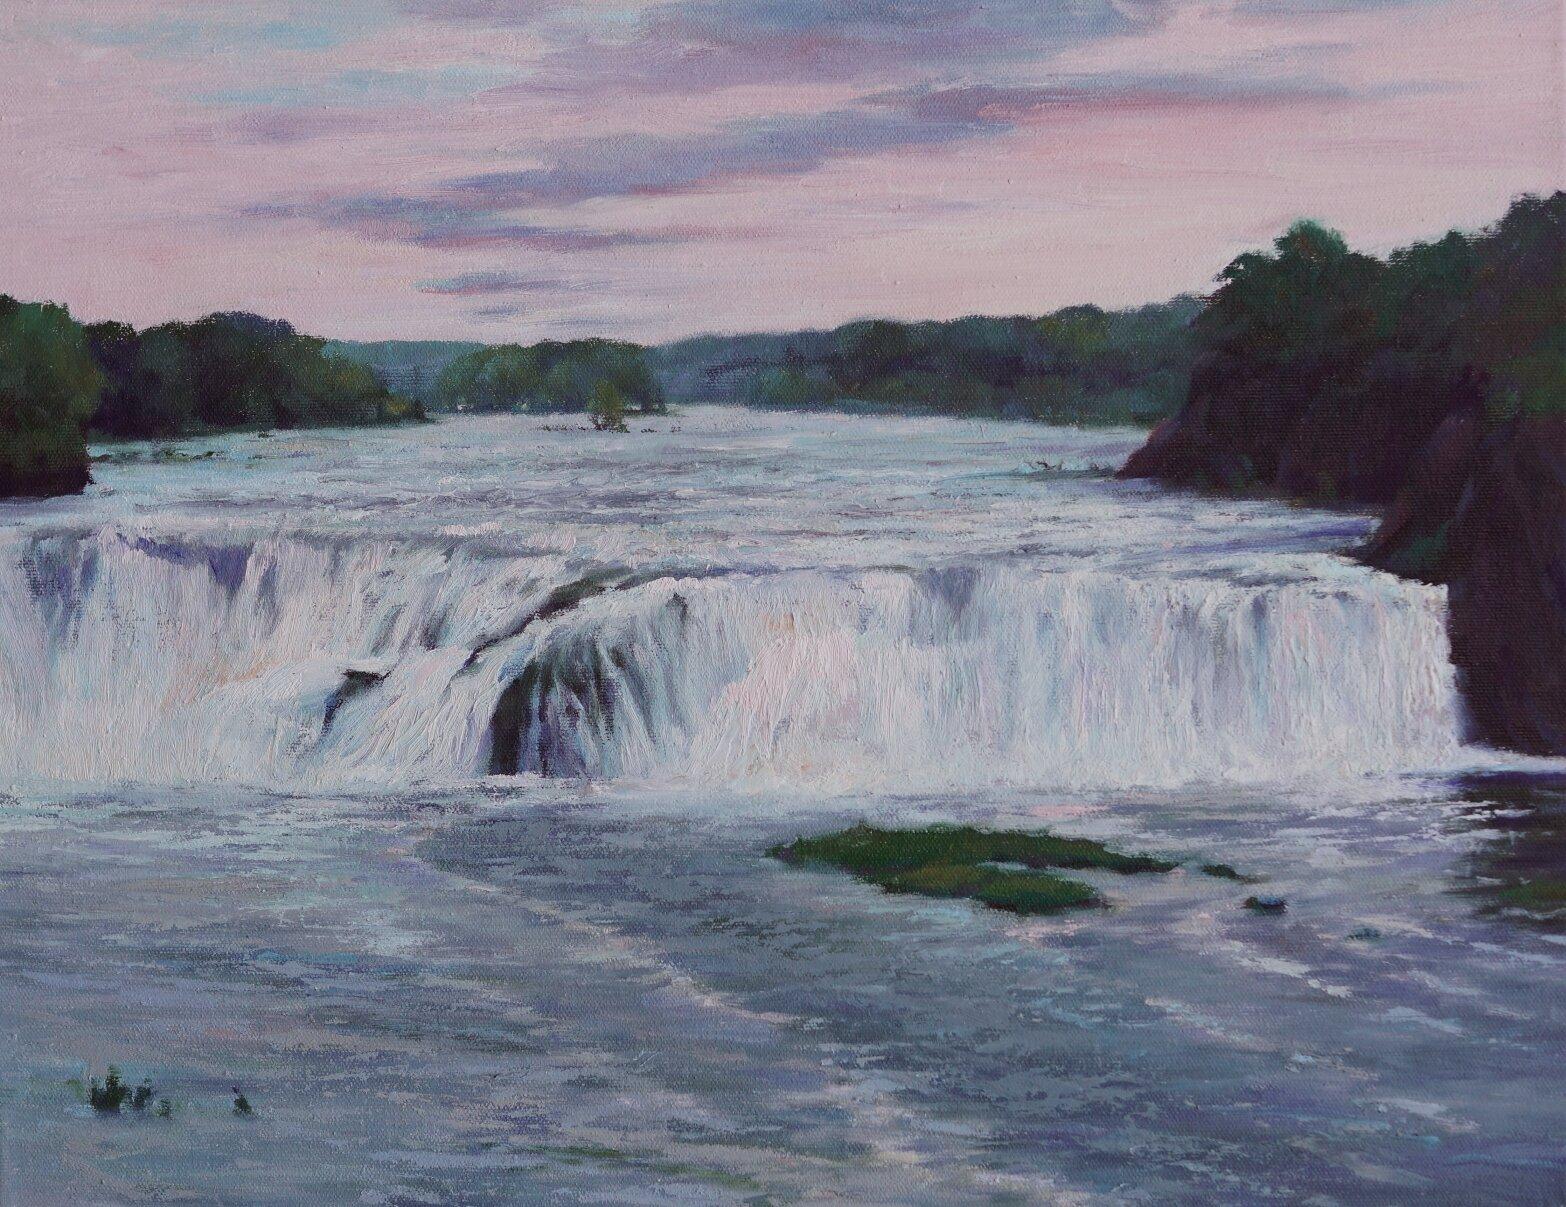 Mohawk Descent (Cohoes Falls) 14x18 $1,100